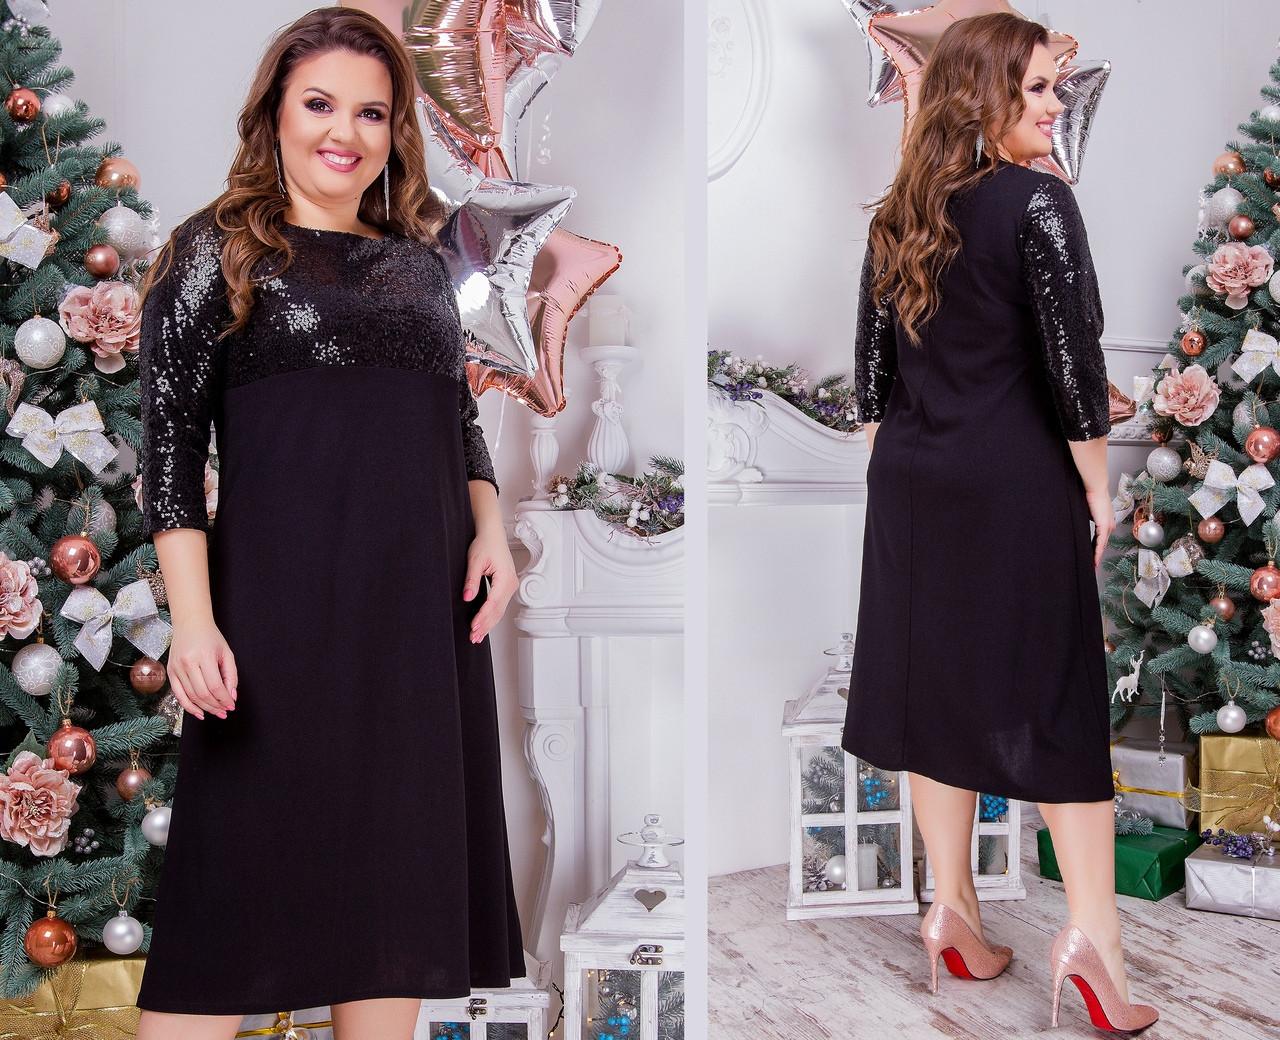 af1a516dd09 Шикарное нарядное женское платье с пайетками больших размеров до 64-го  размера черное